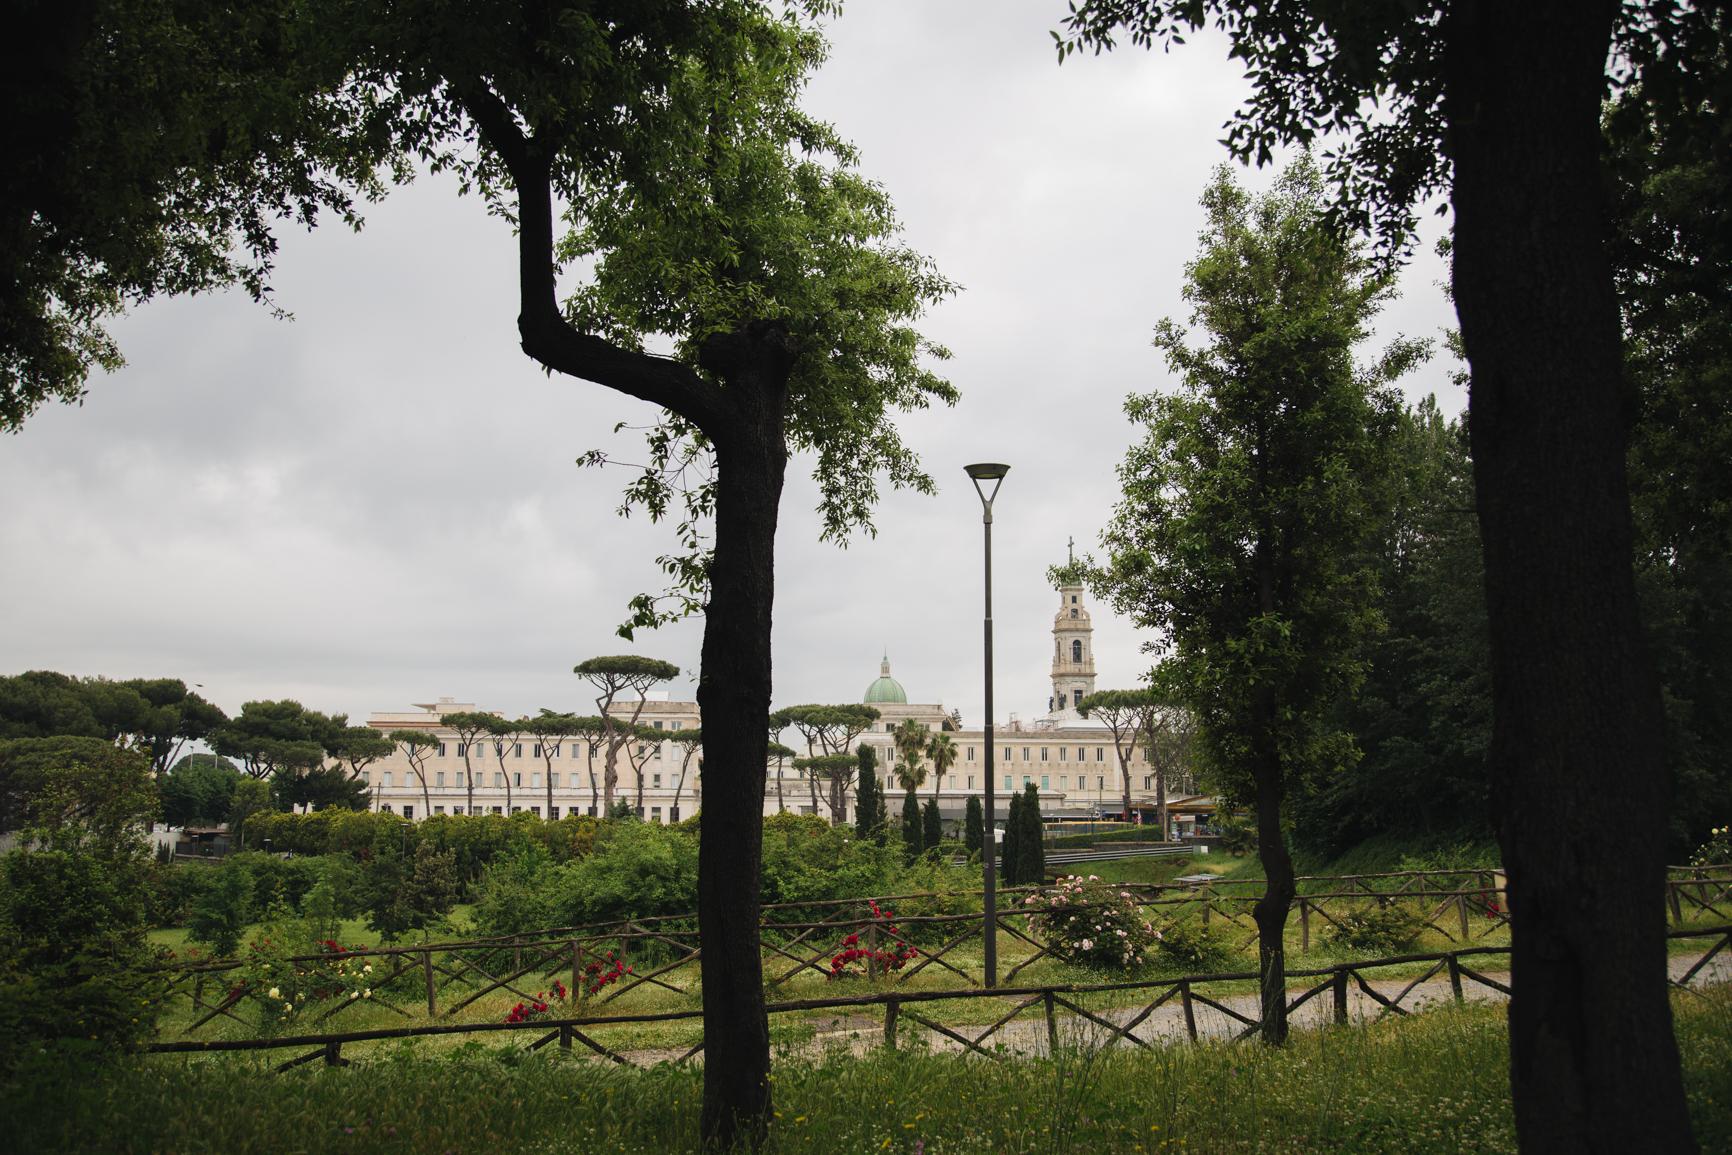 pompei-site-archeologique-italie.jpg